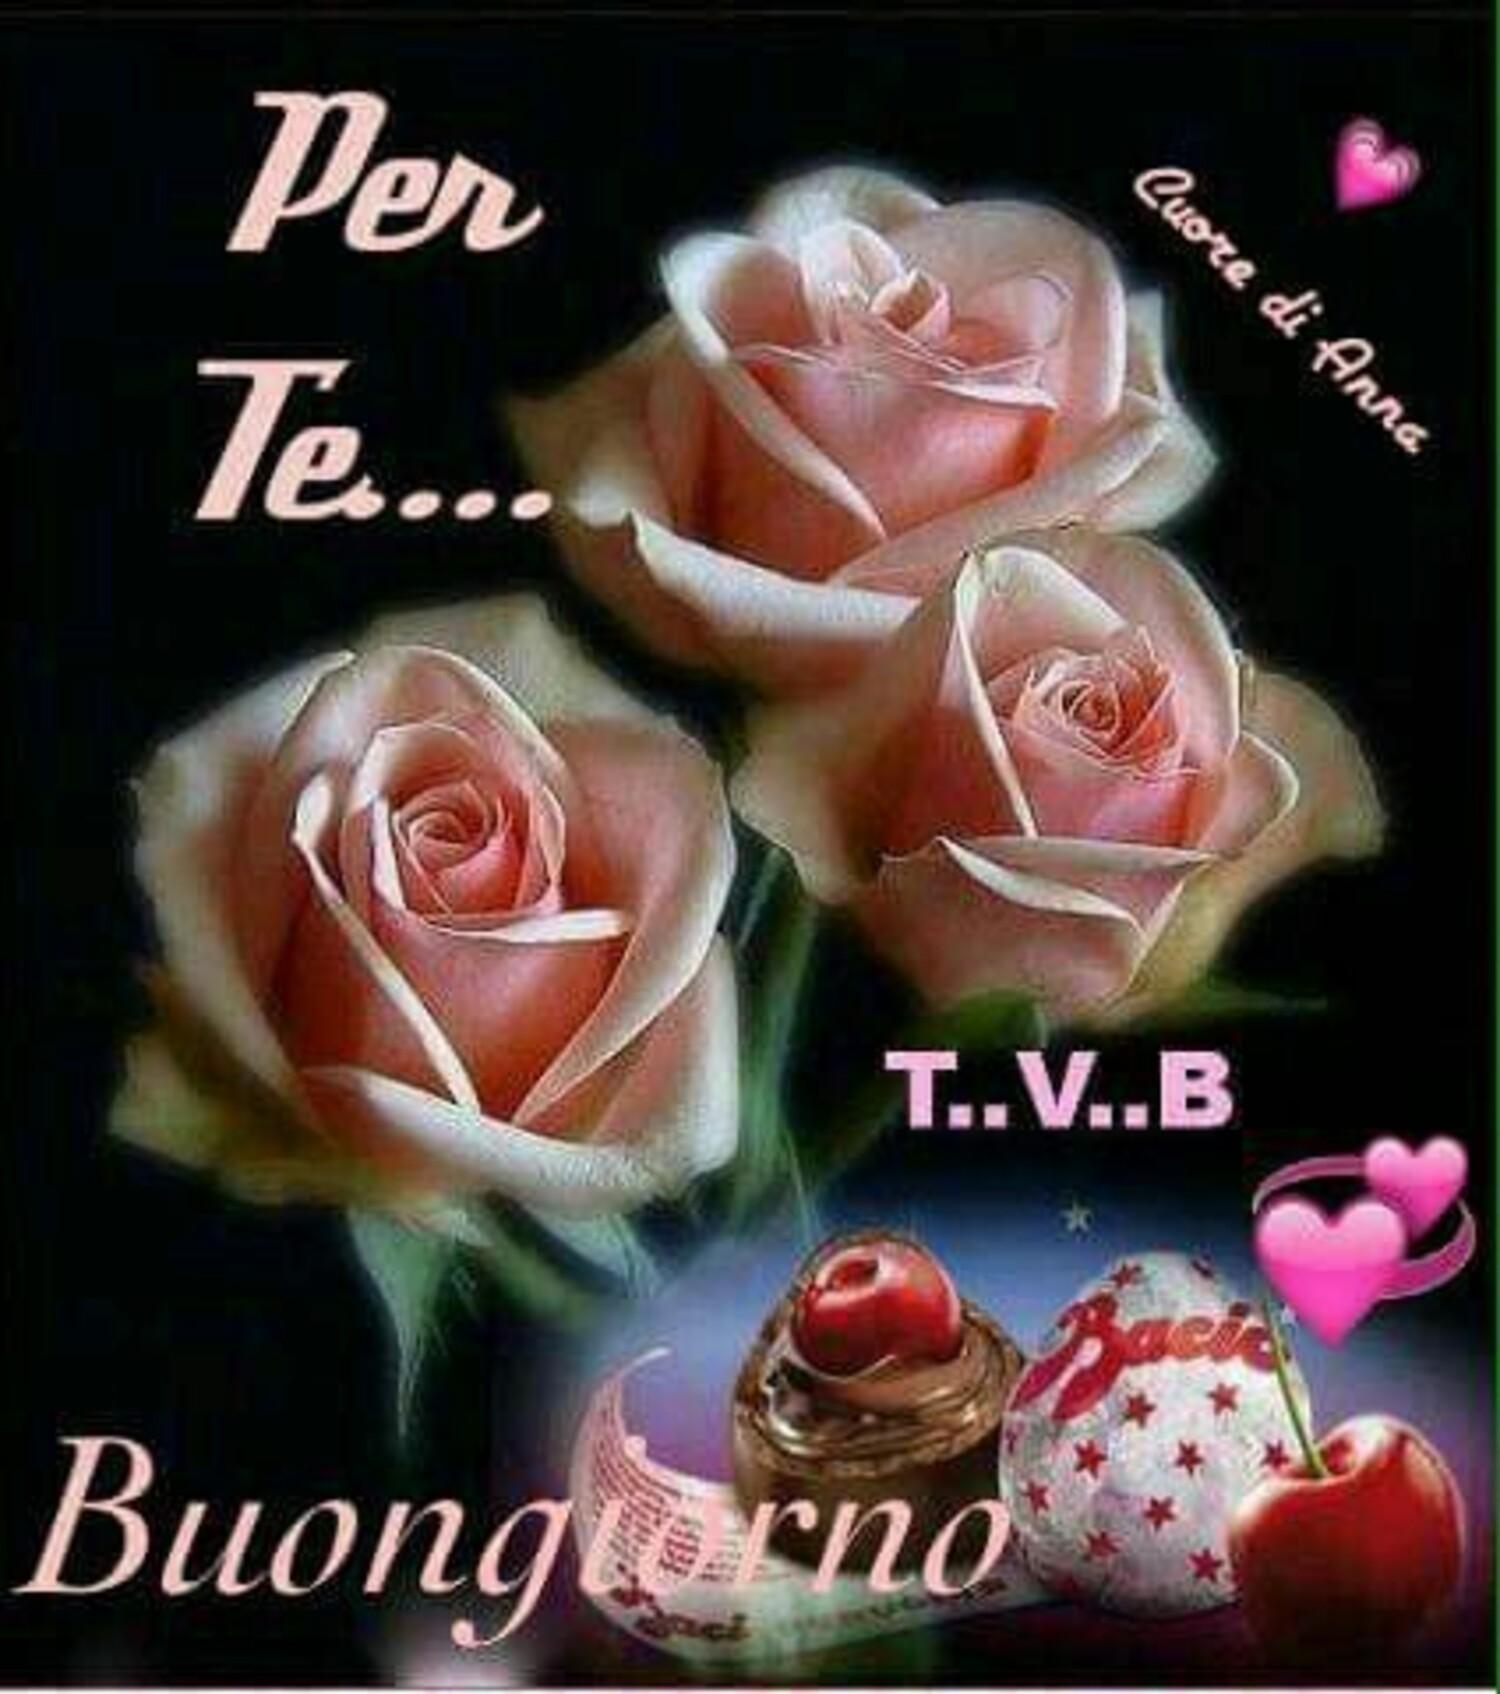 Per Te... T.V.B Buongiorno